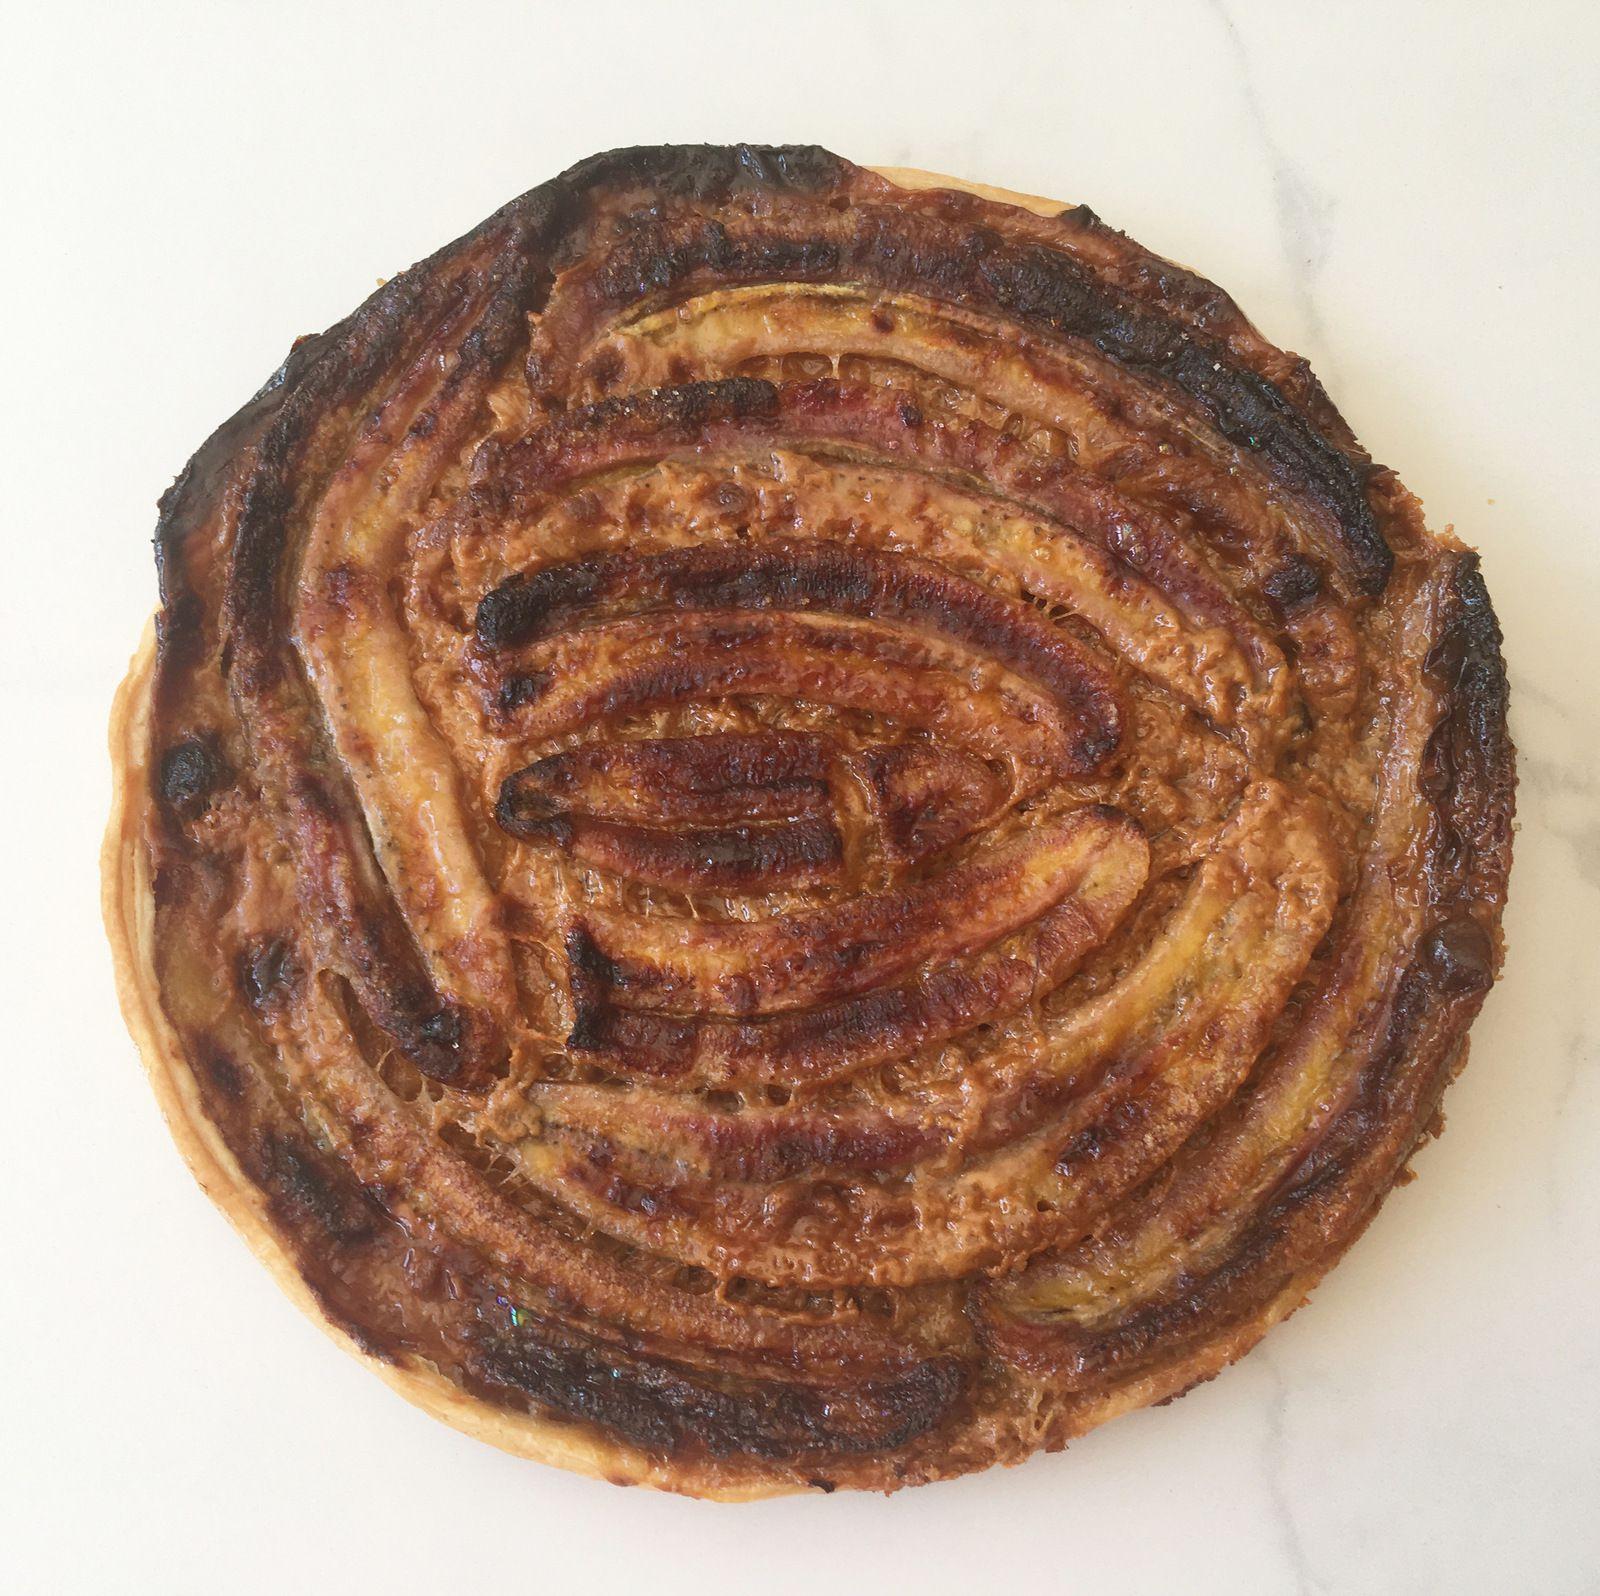 Tarte fine et croustillante façon Banoffee (banane et confiture de lait)